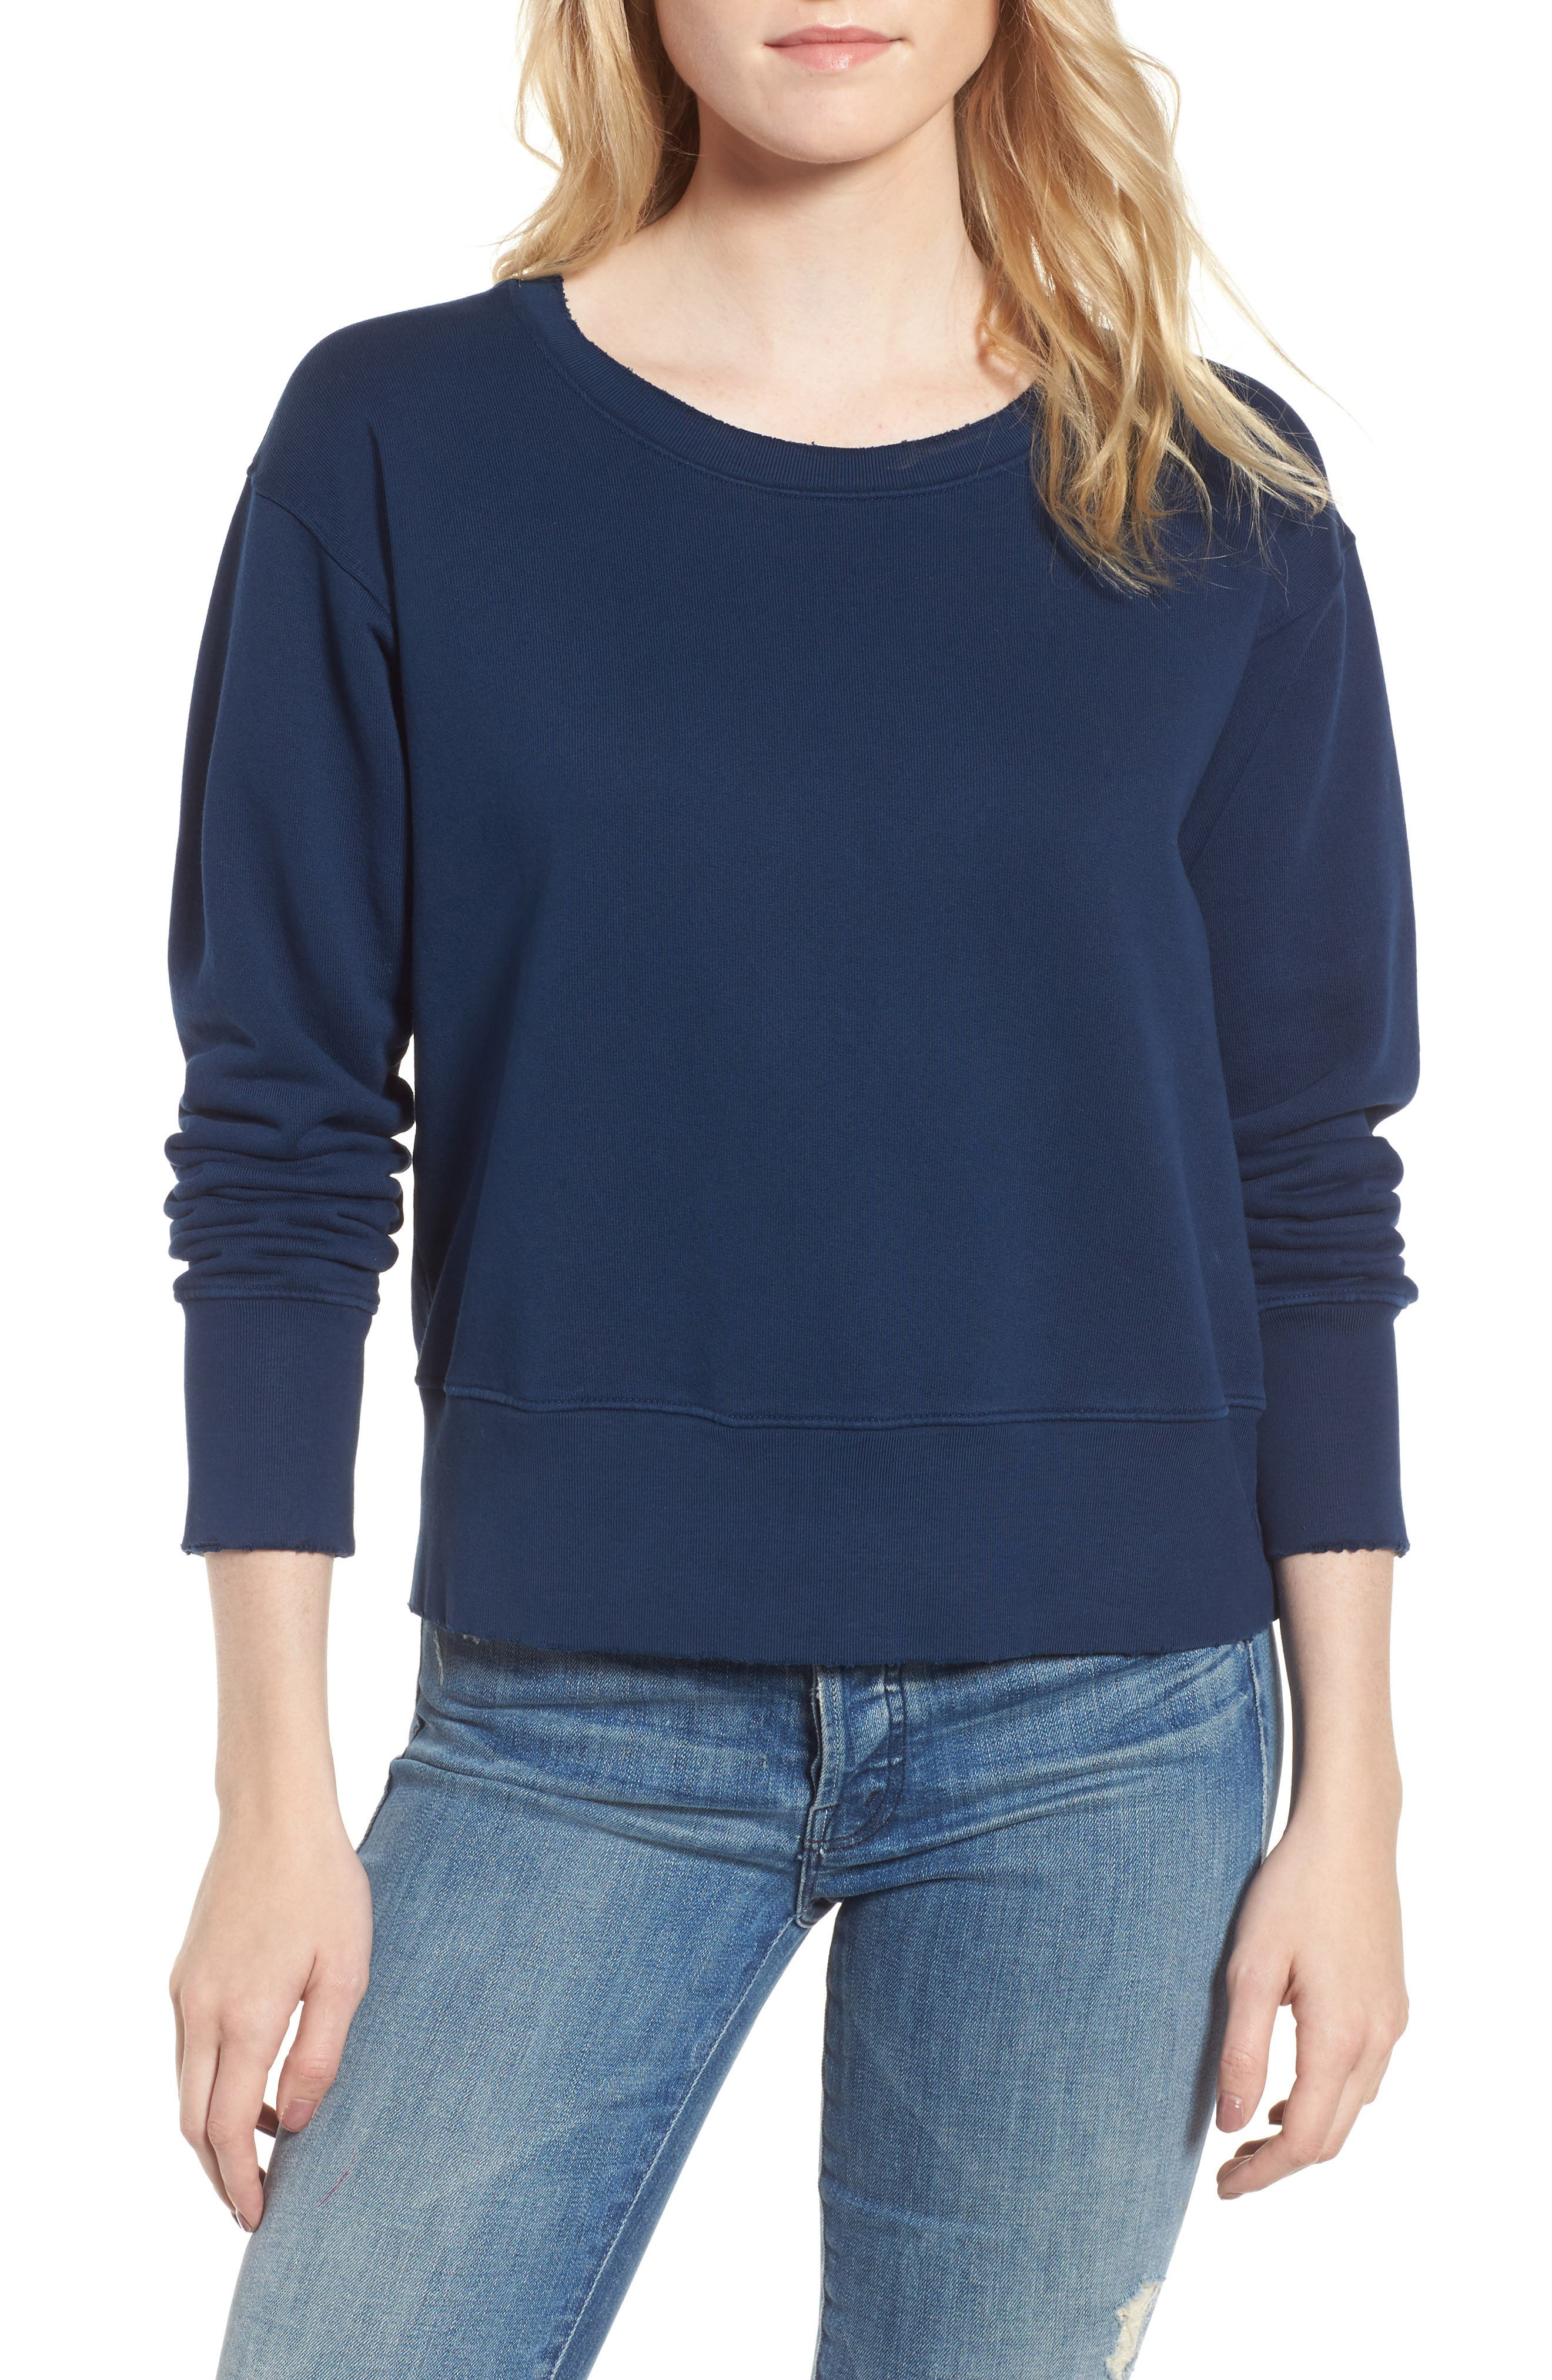 Alternate Image 1 Selected - Frank & Eileen Tee Lab Distressed Sweatshirt